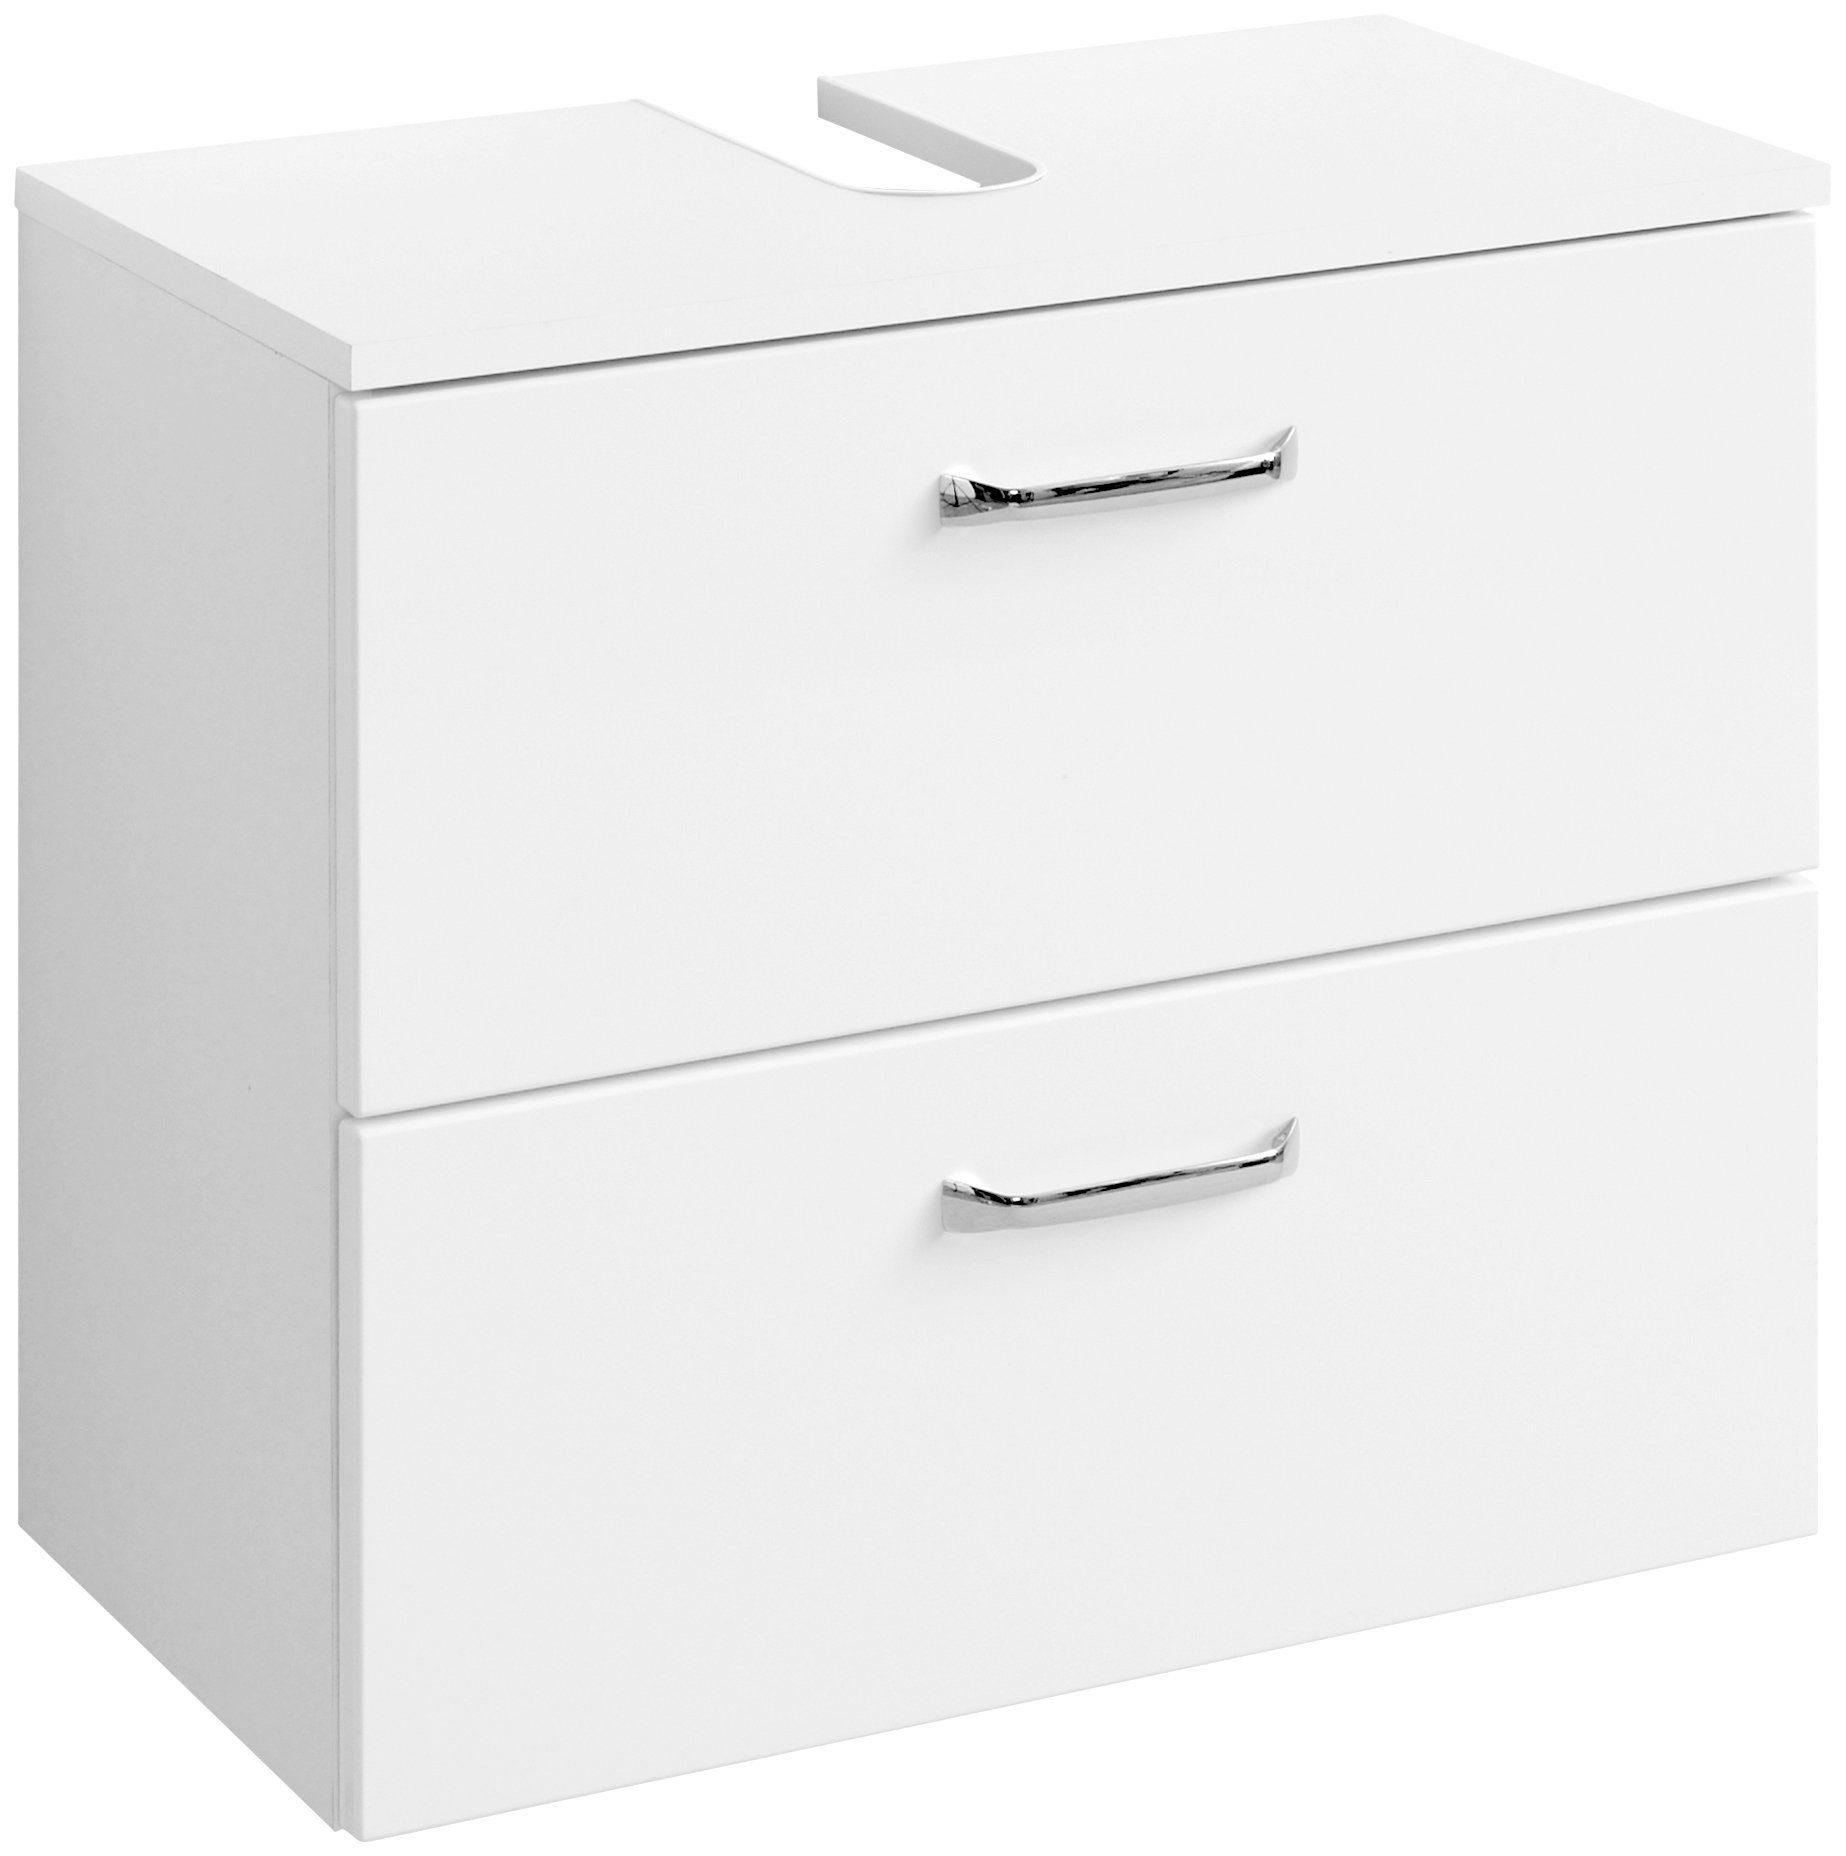 Held Möbel Waschbeckenunterschrank »Fontana«, Breite 60 cm